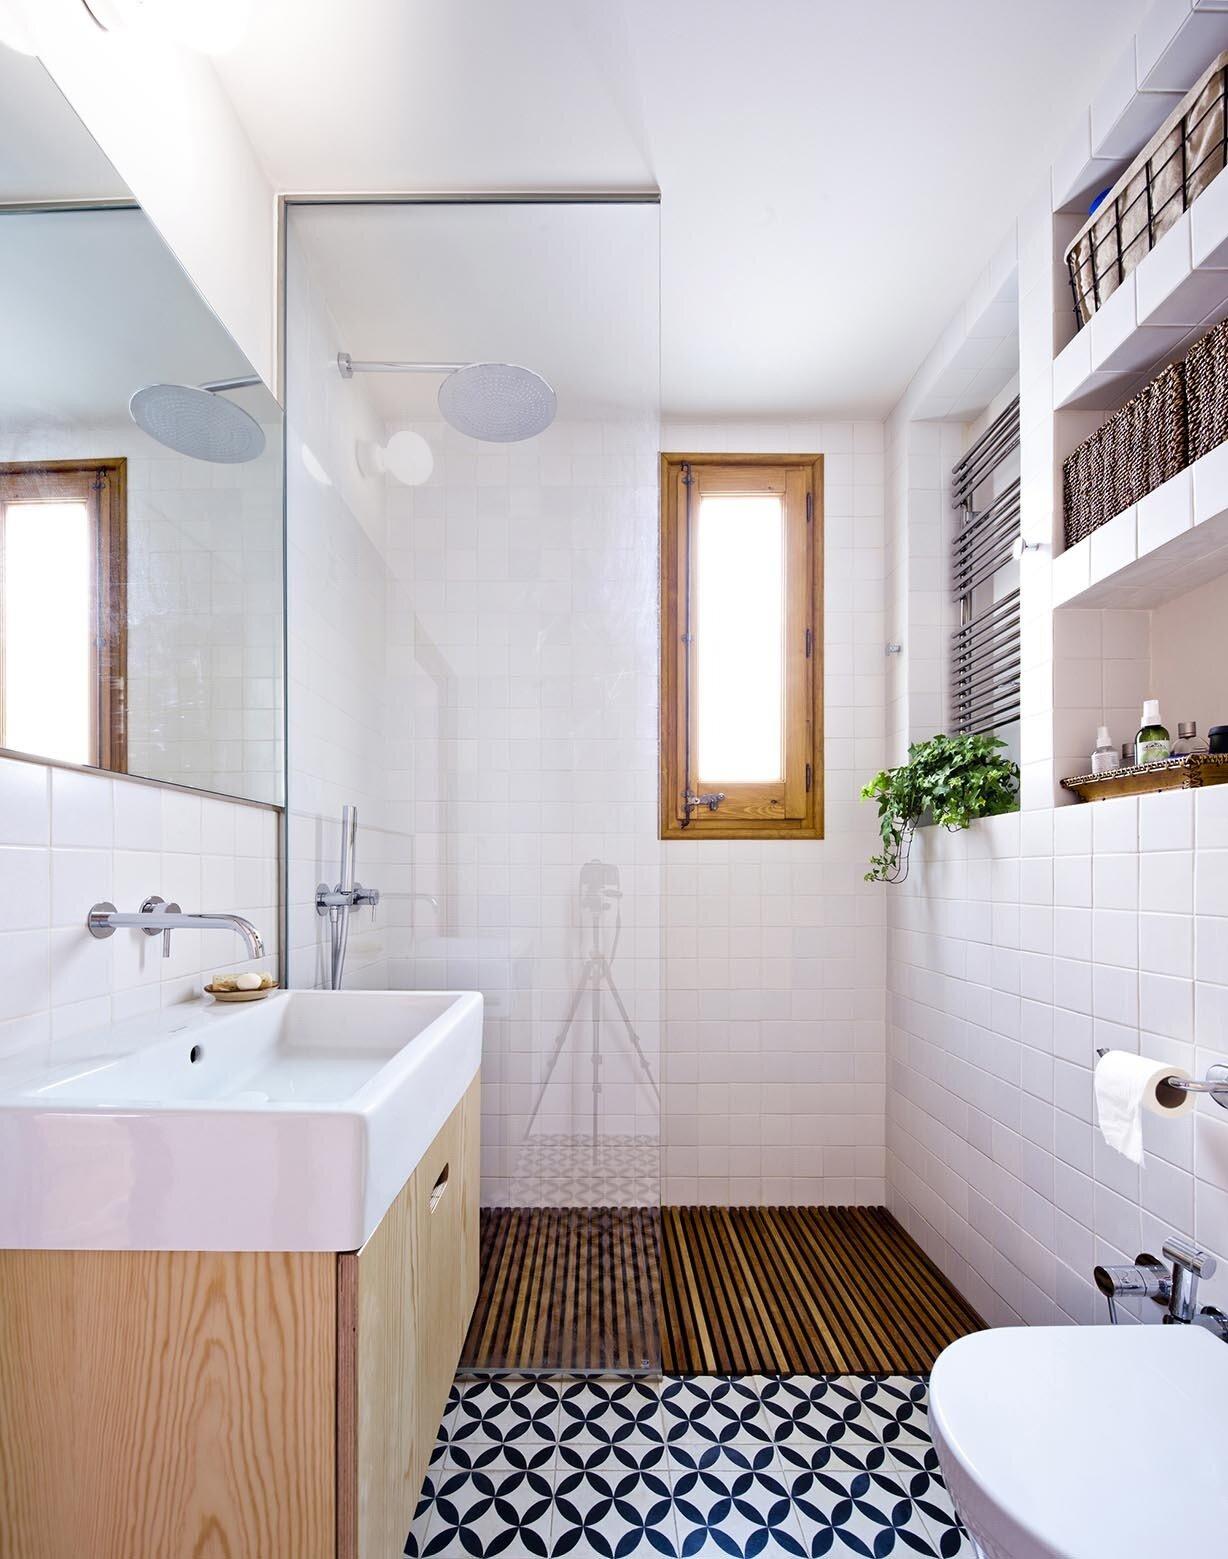 Small Apartment in Gran Via - Bach Arquitectes - Spain - Bathroom - Humble Homes